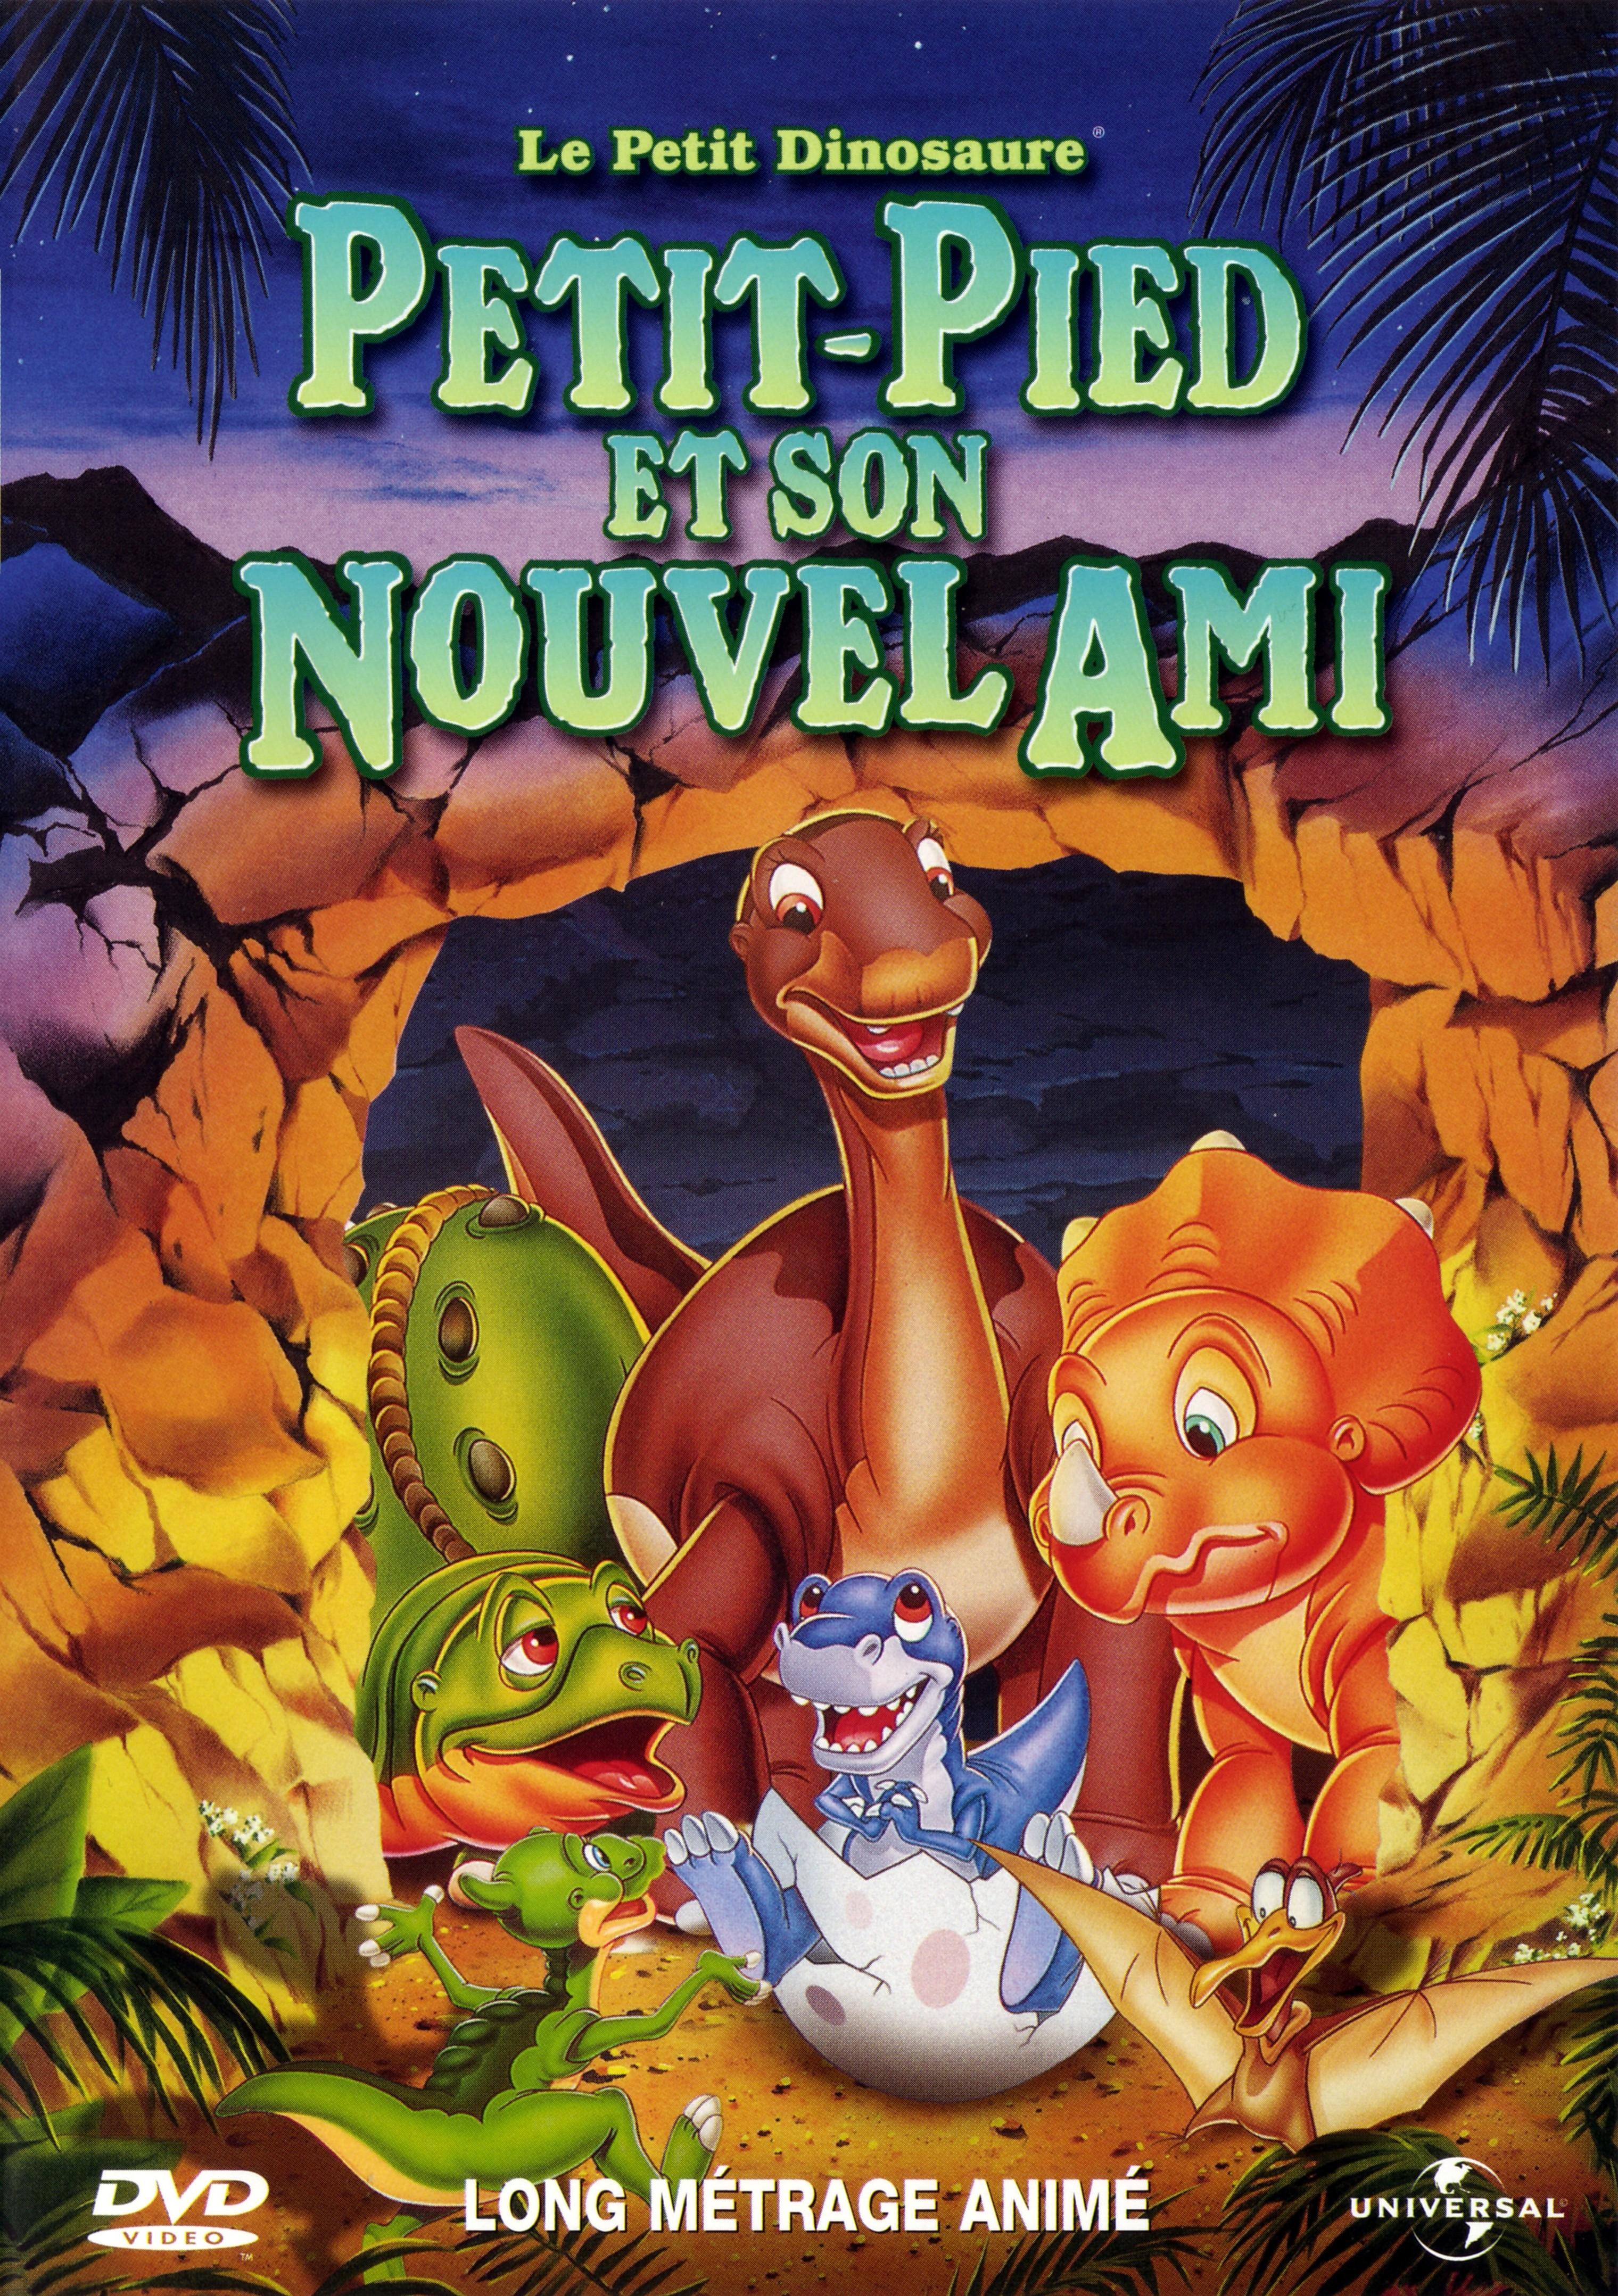 affiche du film Le Petit Dinosaure : Petit-Pied et son nouvel ami